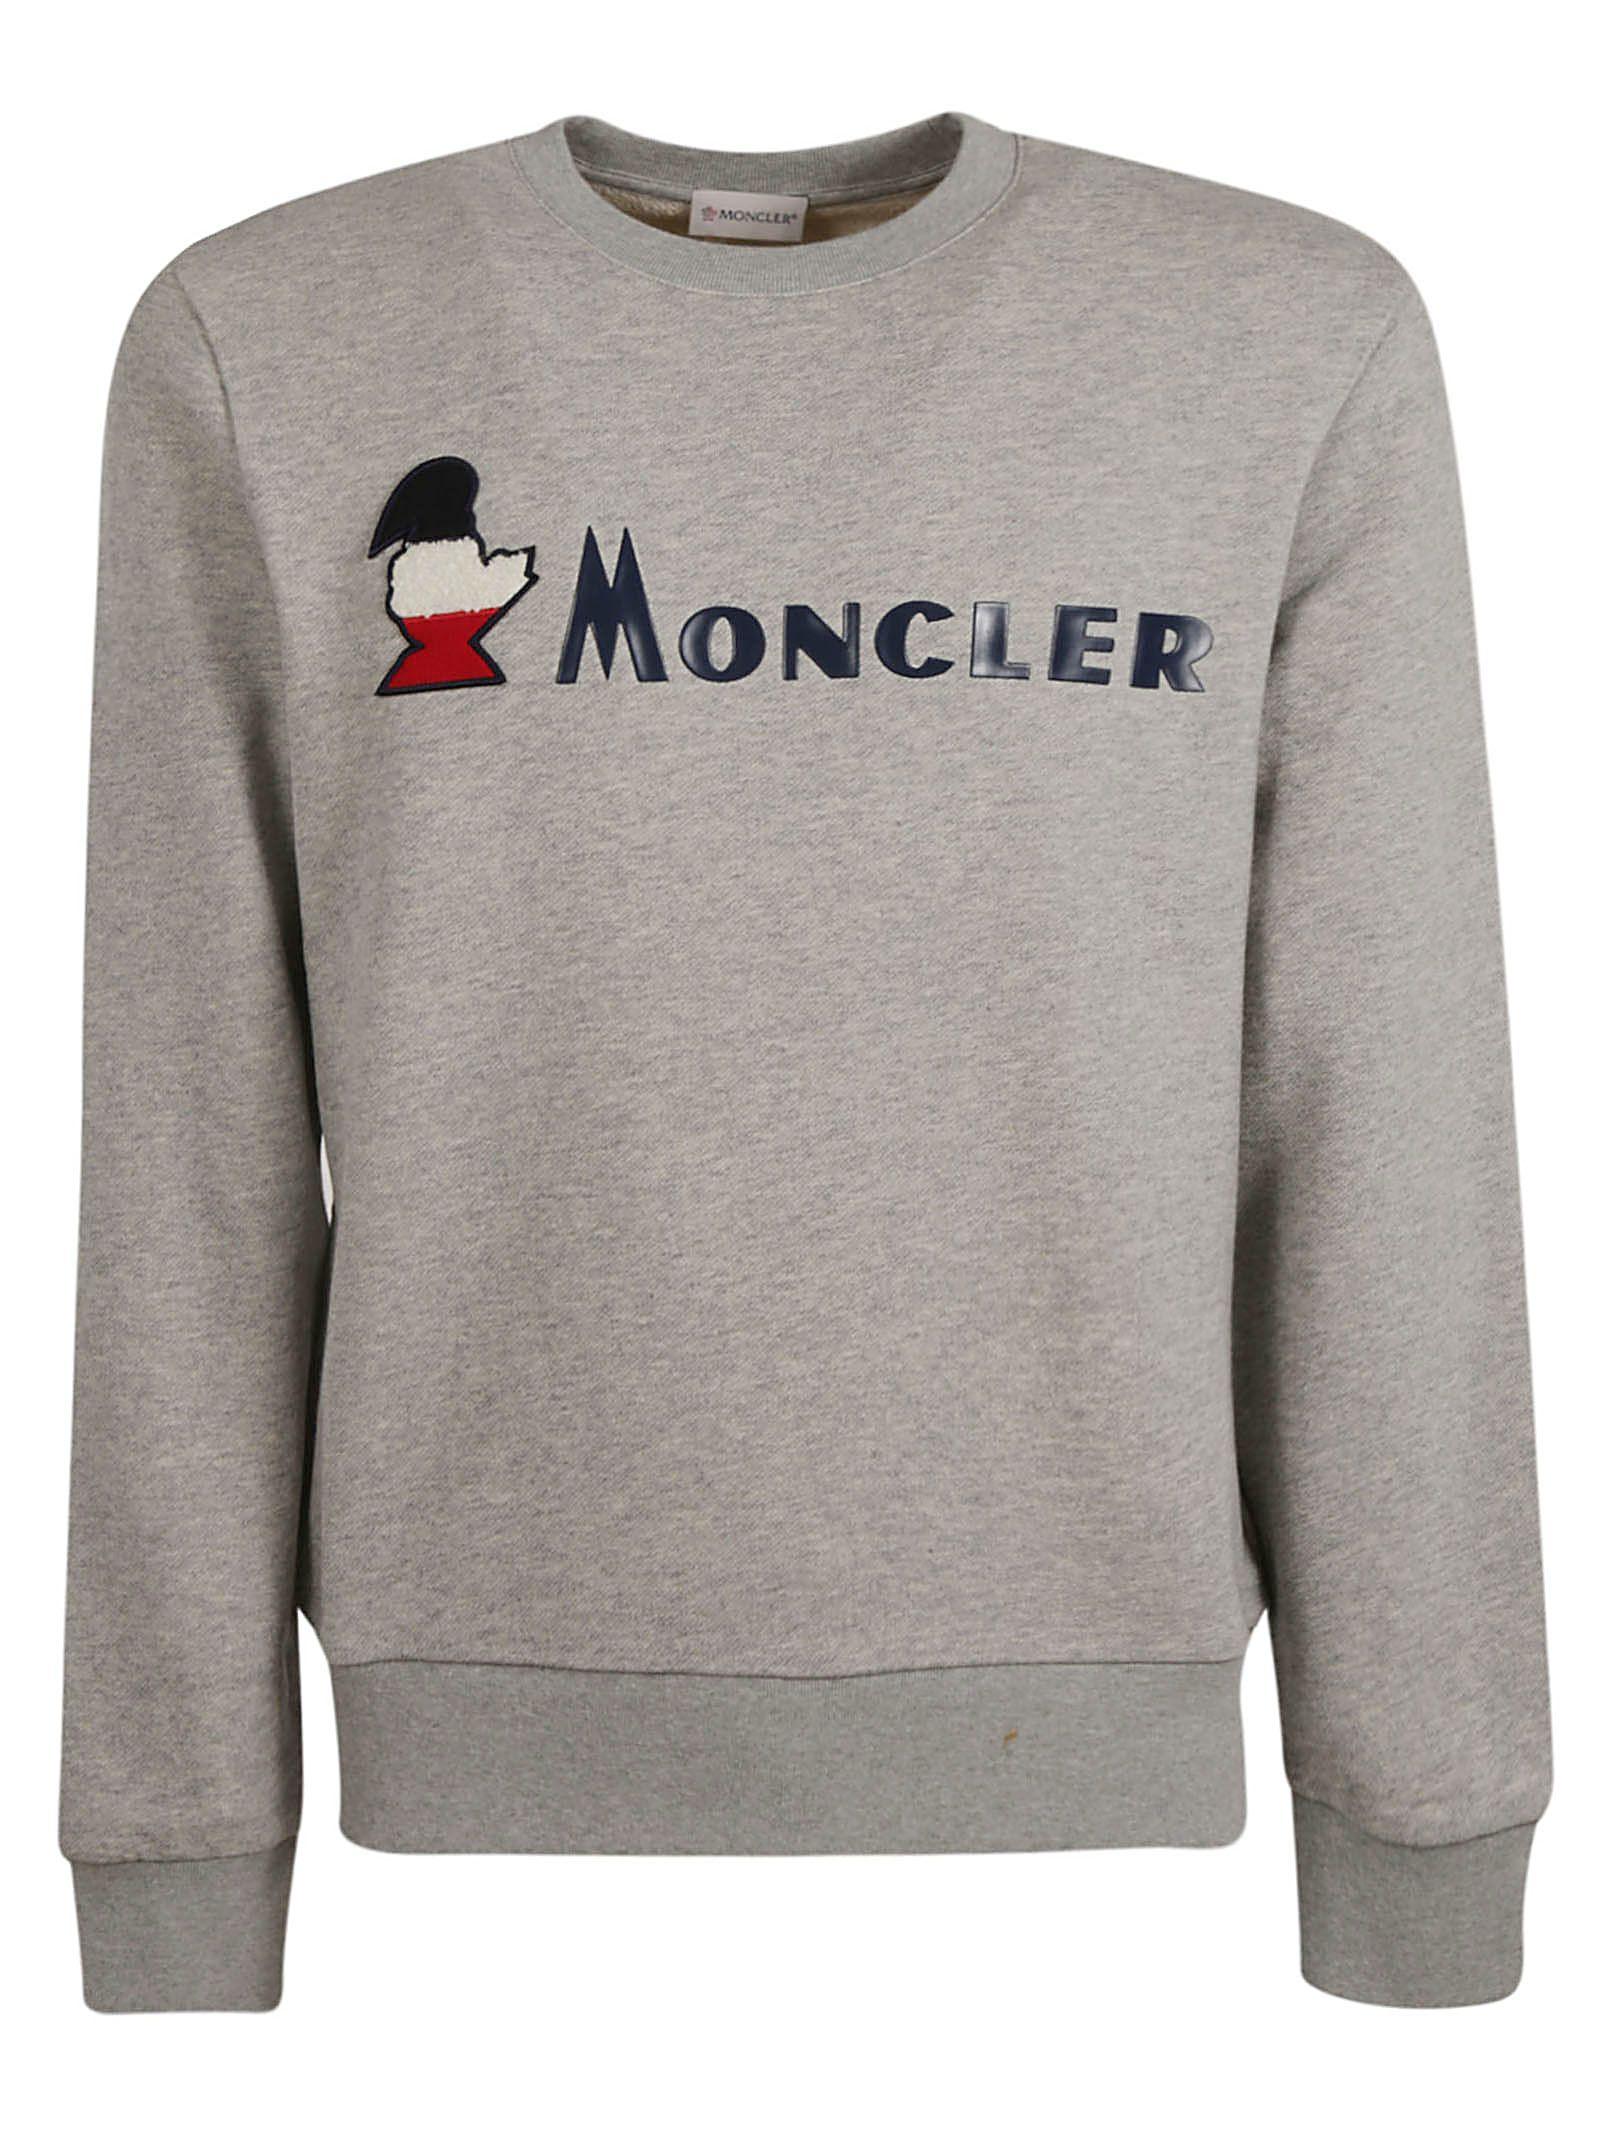 bac96ccc0 Moncler Moncler Logo Printed Sweatshirt - Gray - 10847555